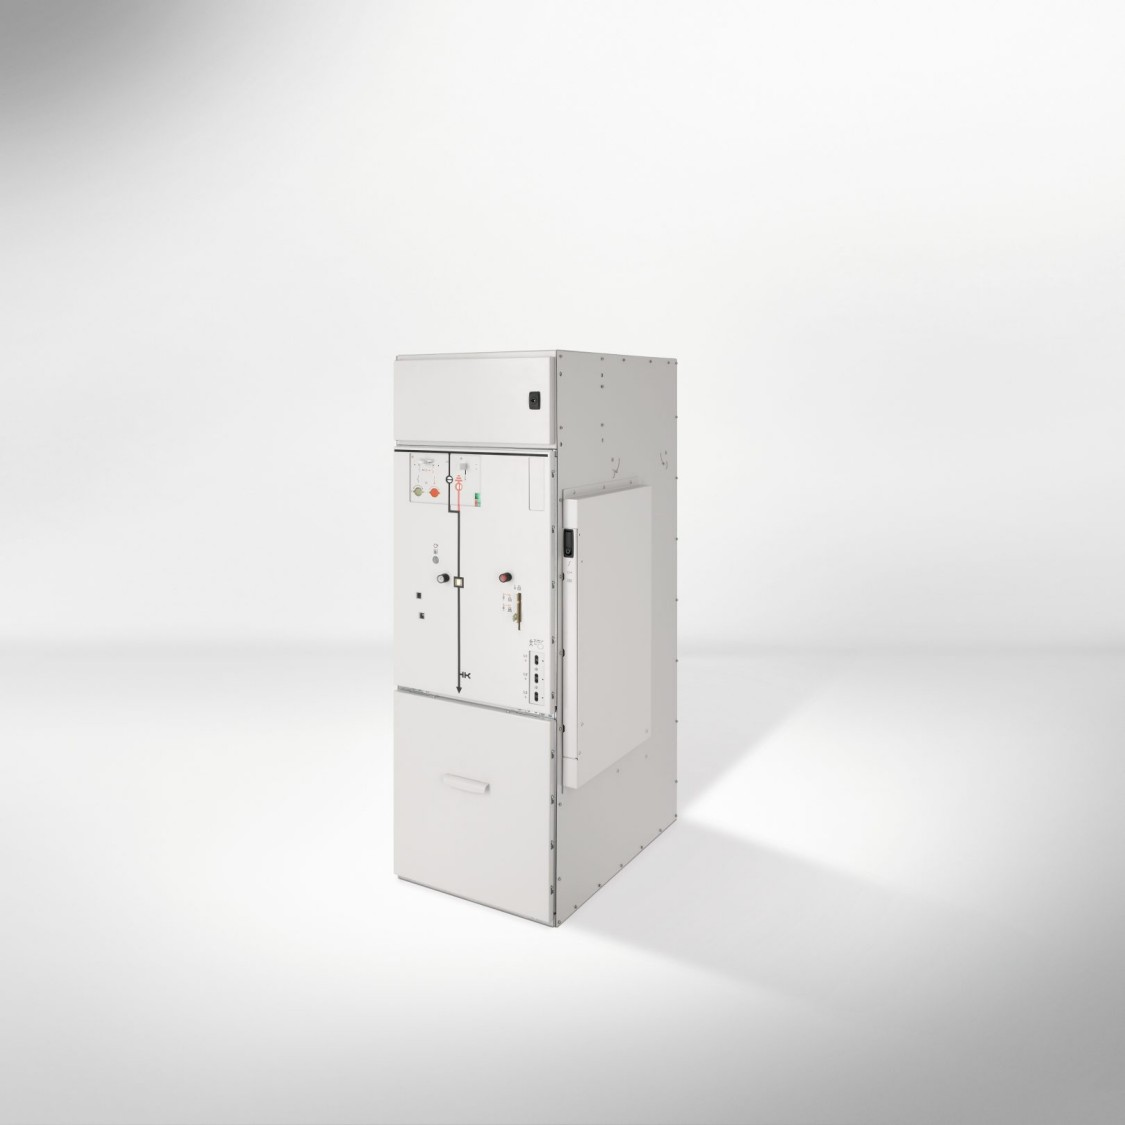 NXPLUS C Wind Rozdzielnica średniego napięcia 36kV w izolacji powietrznej